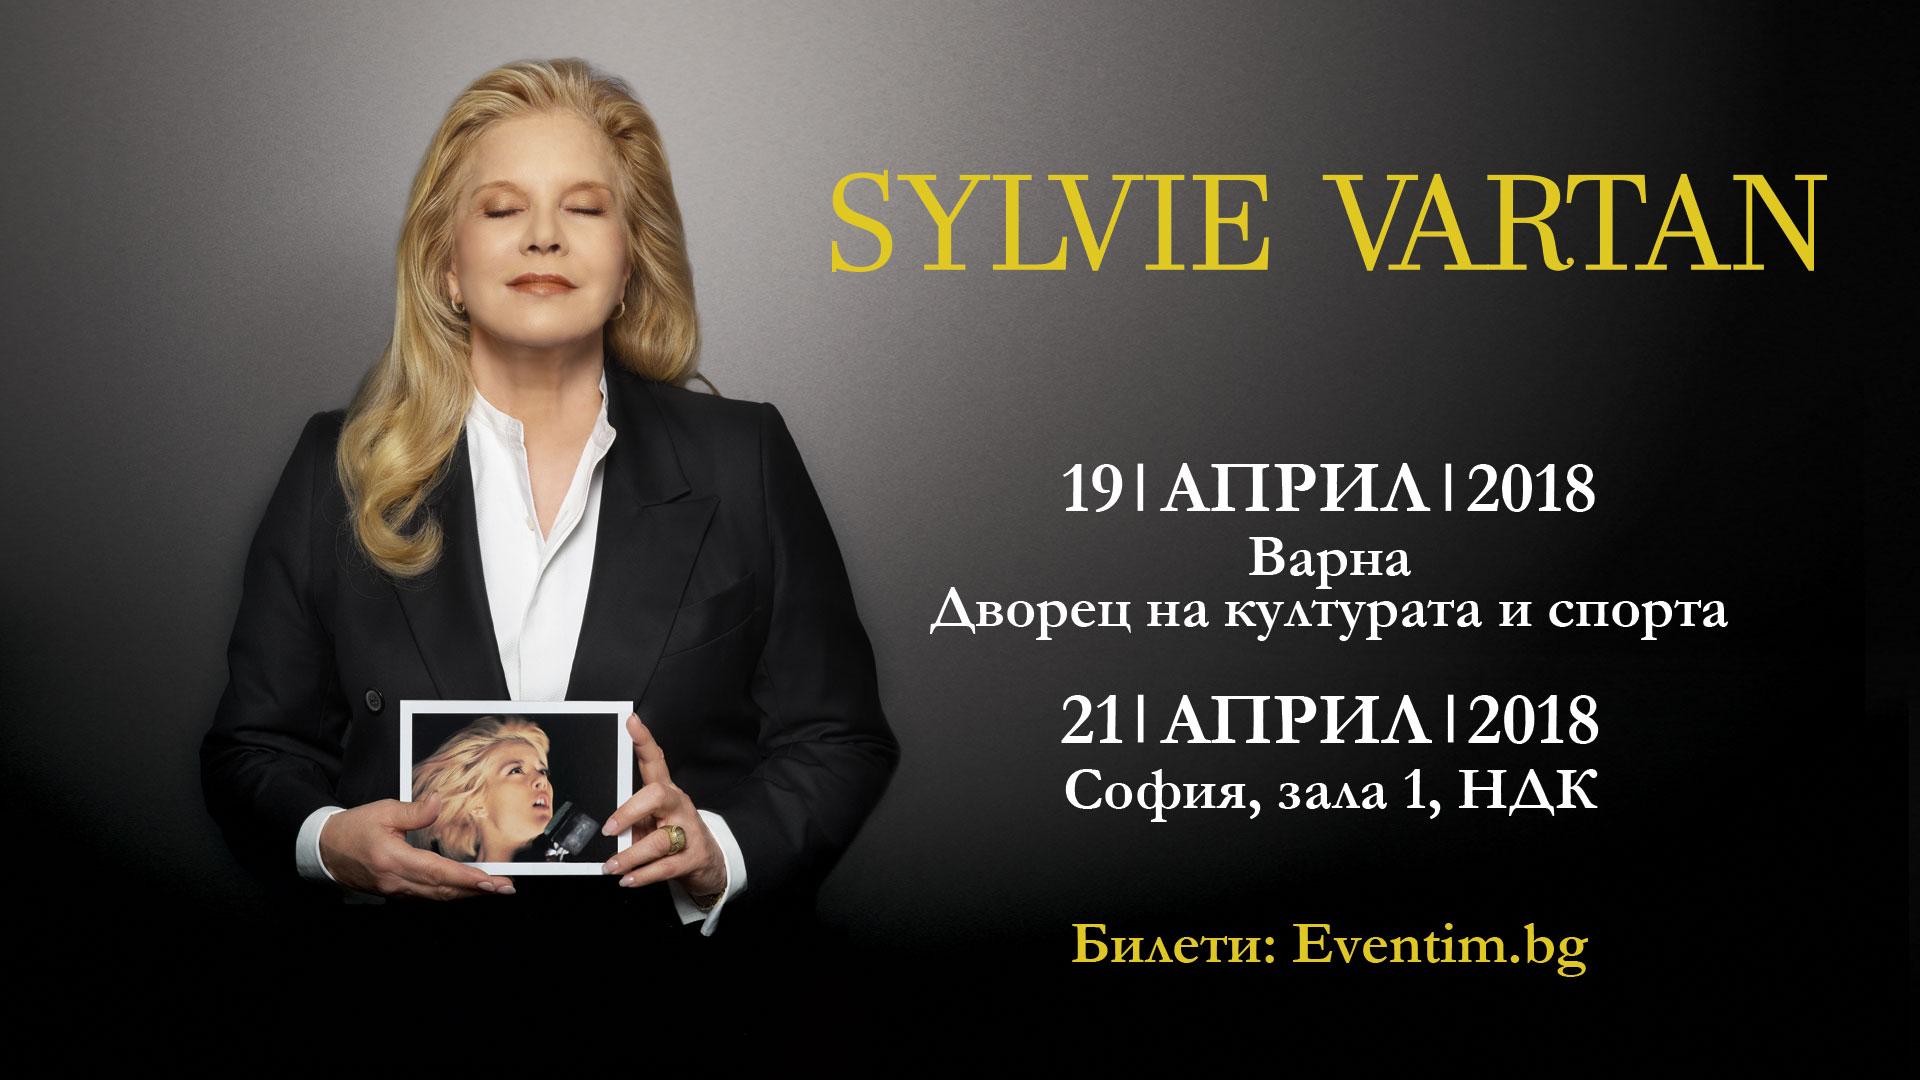 Sylvie Vartan at IN THE PALACE International Short Film Festival